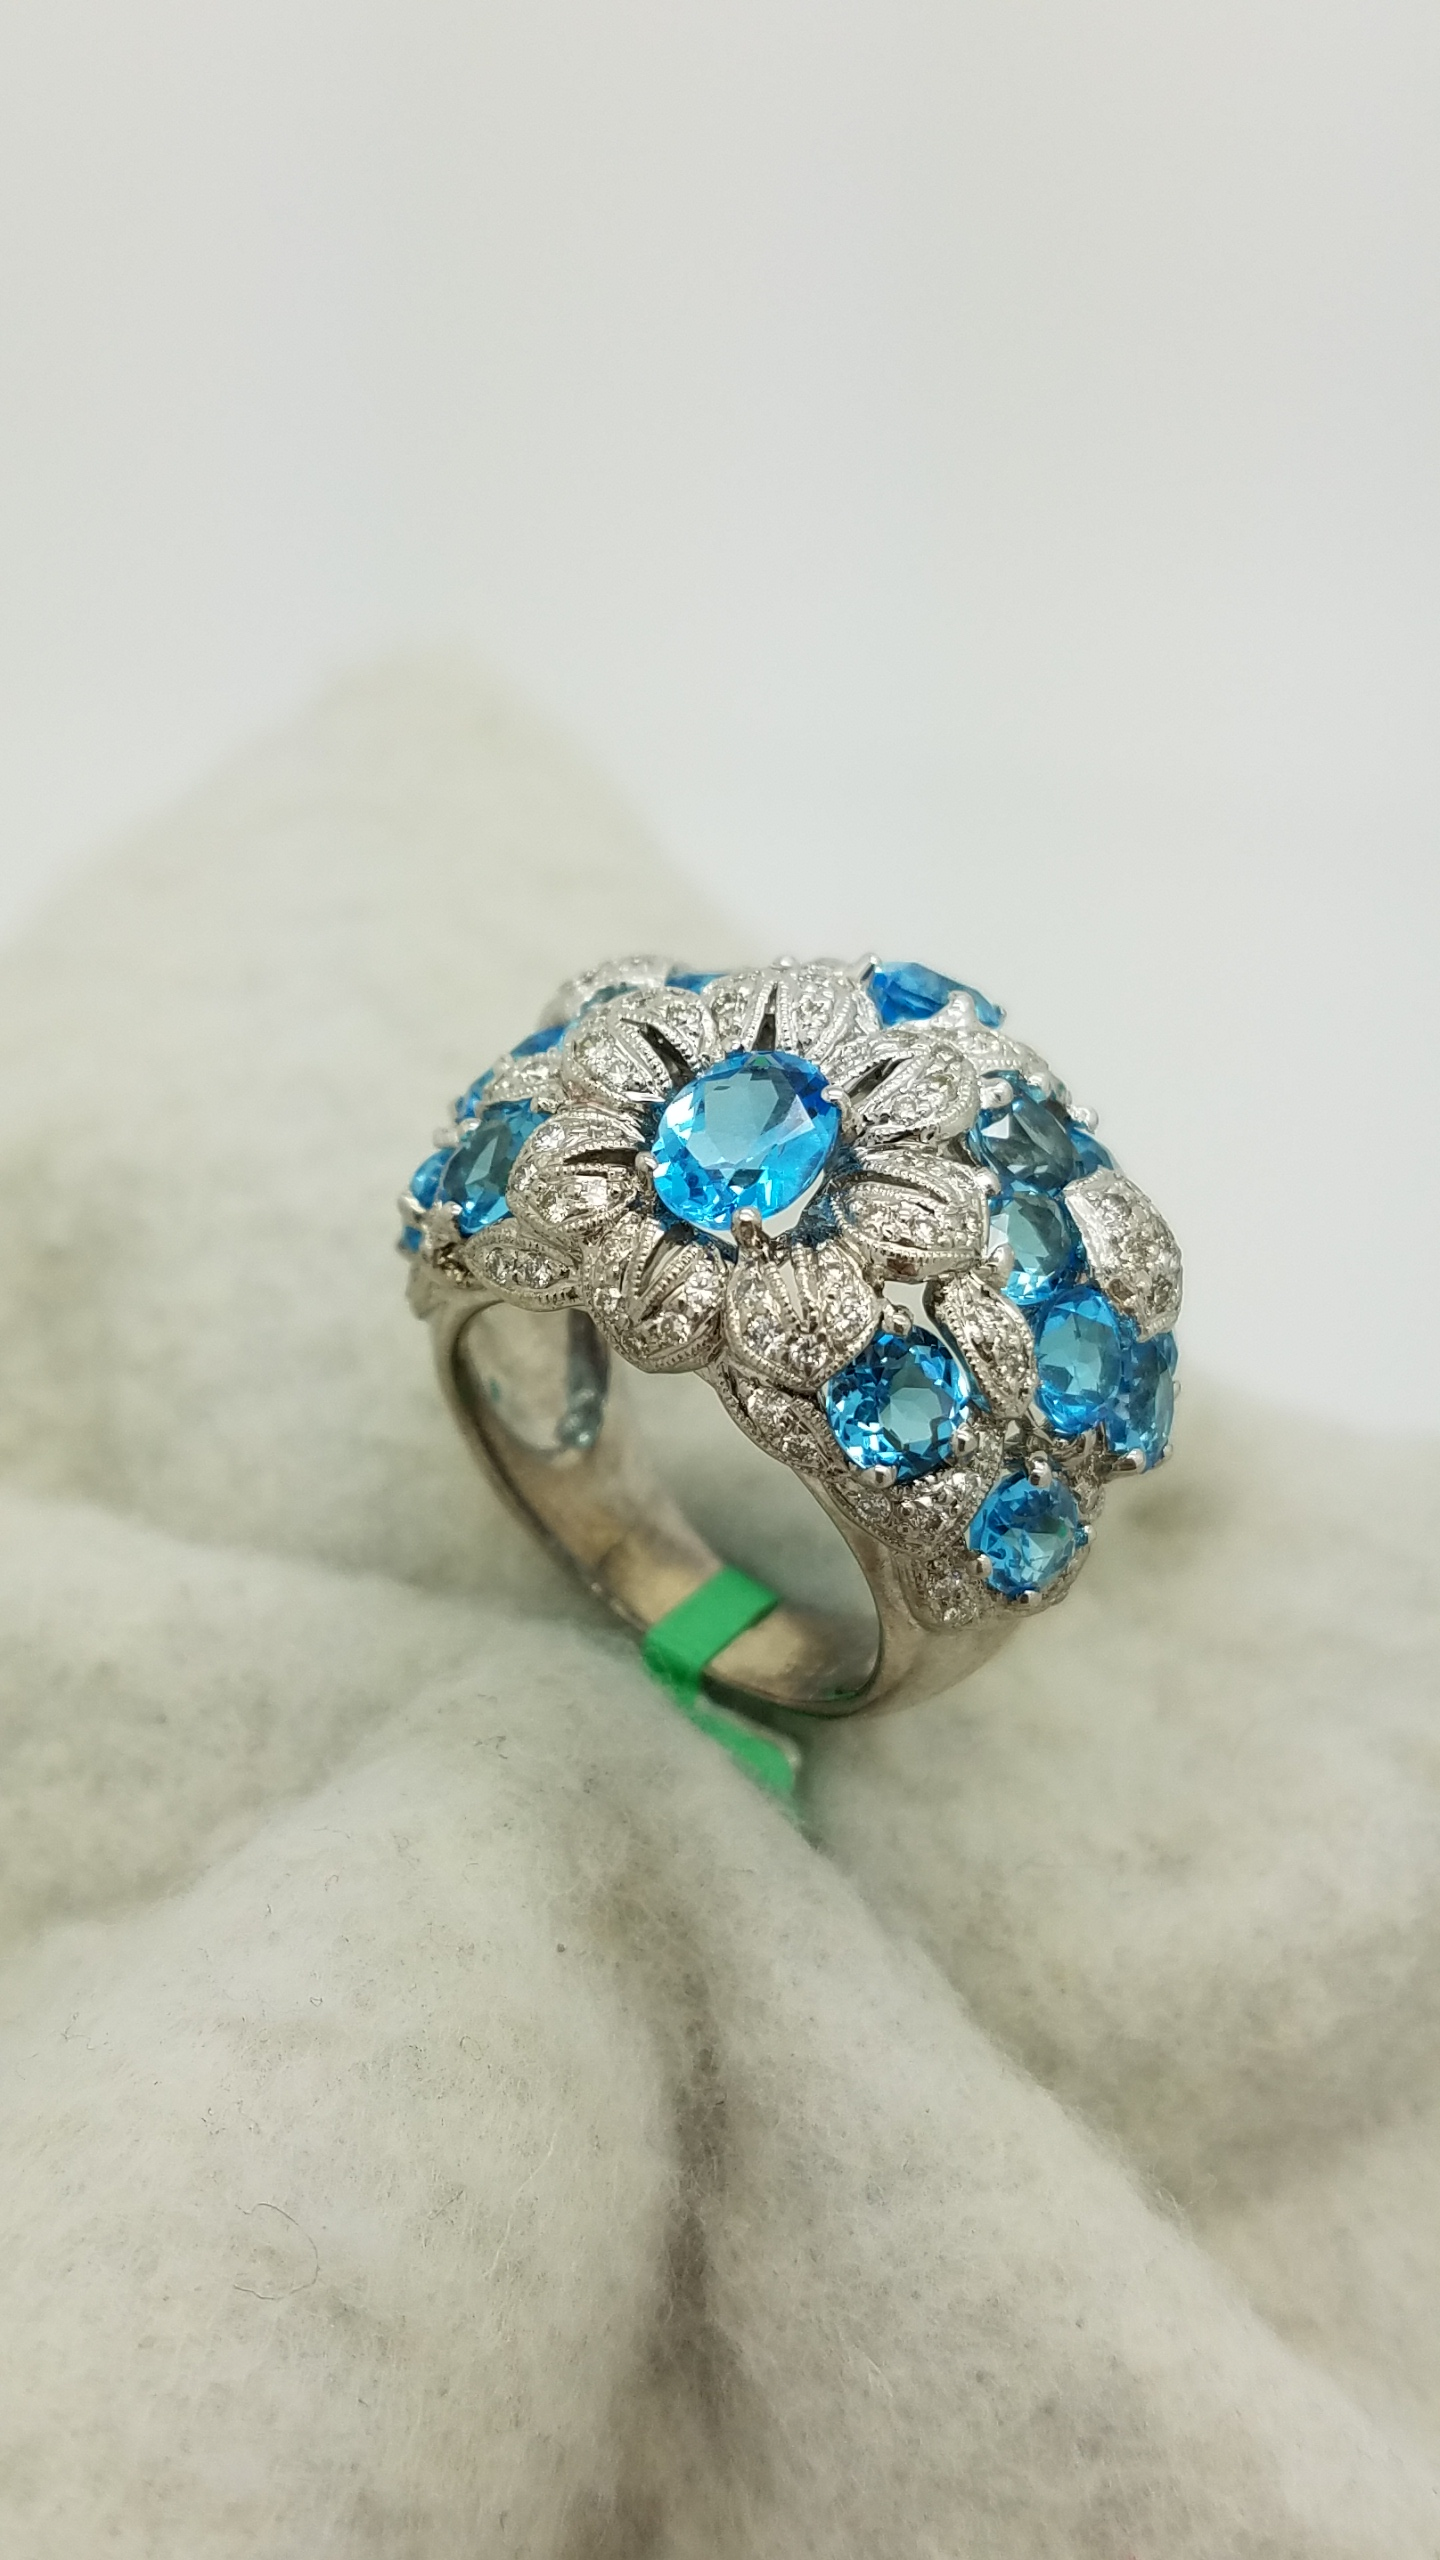 14K White Gold FLOWER OVAL Cut MILGRAIN BLUE TOPAZ DIAMOND CLUSTER